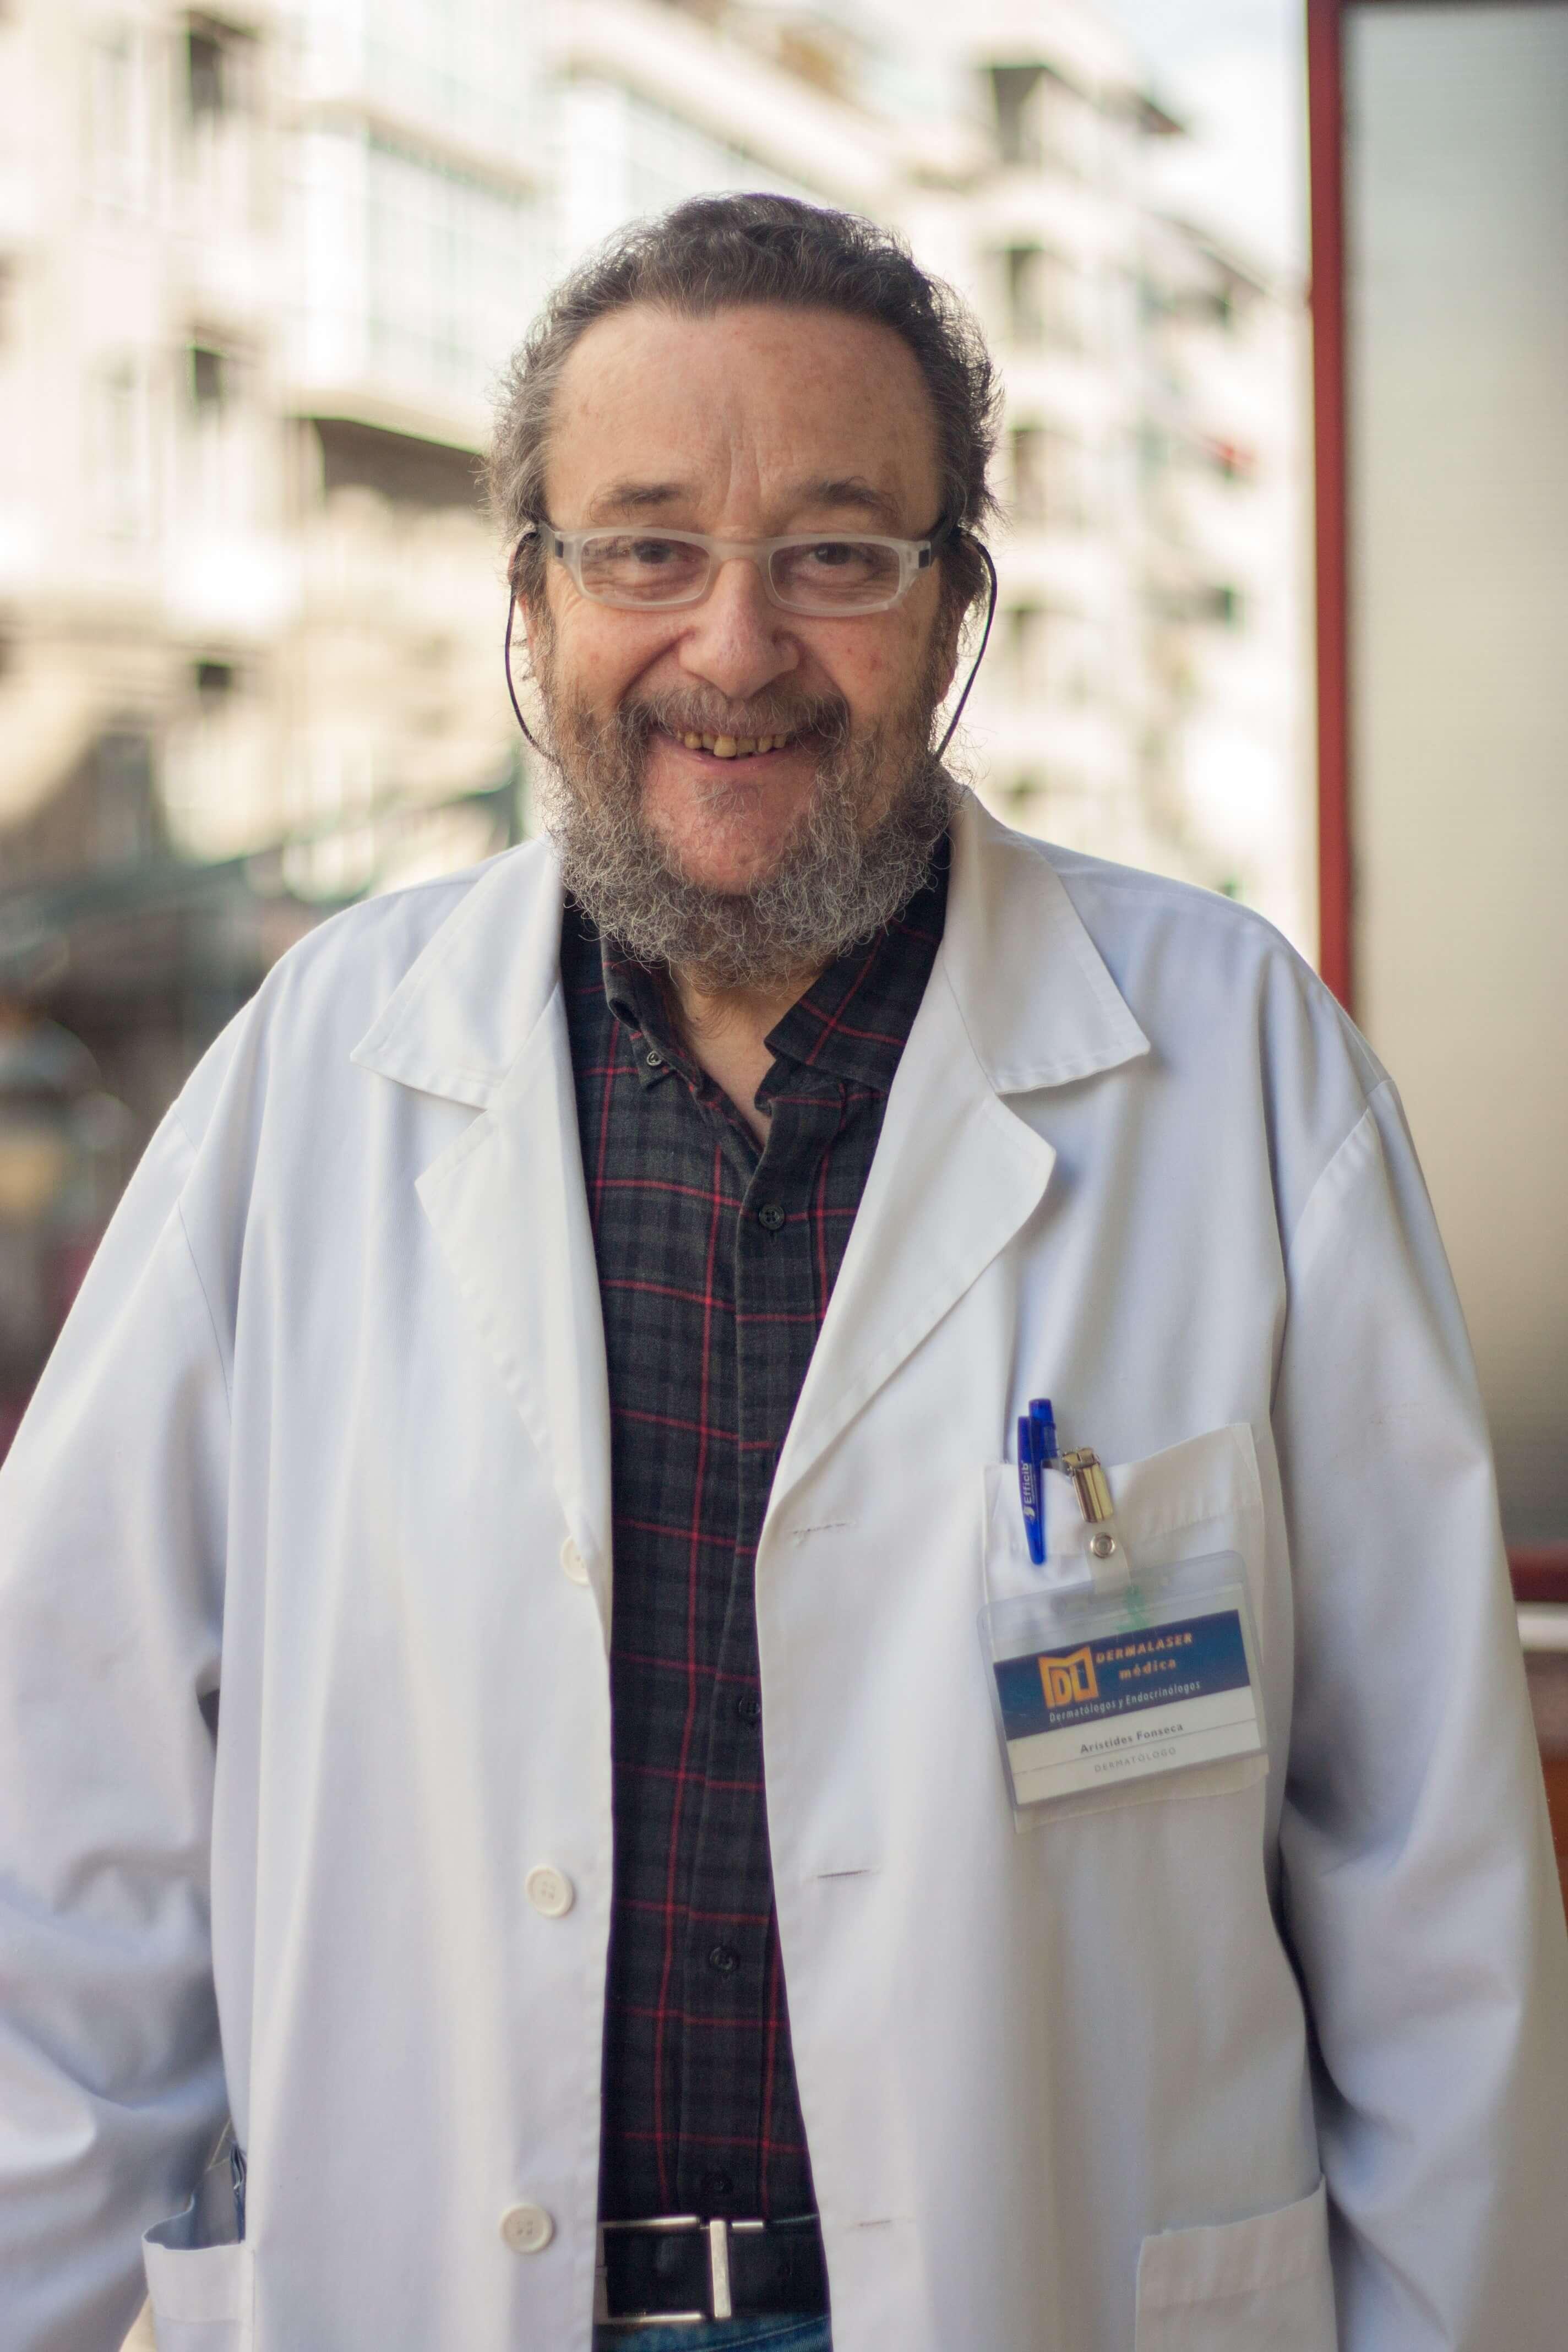 Imagen de Dr Fonseca Moretón Aristides